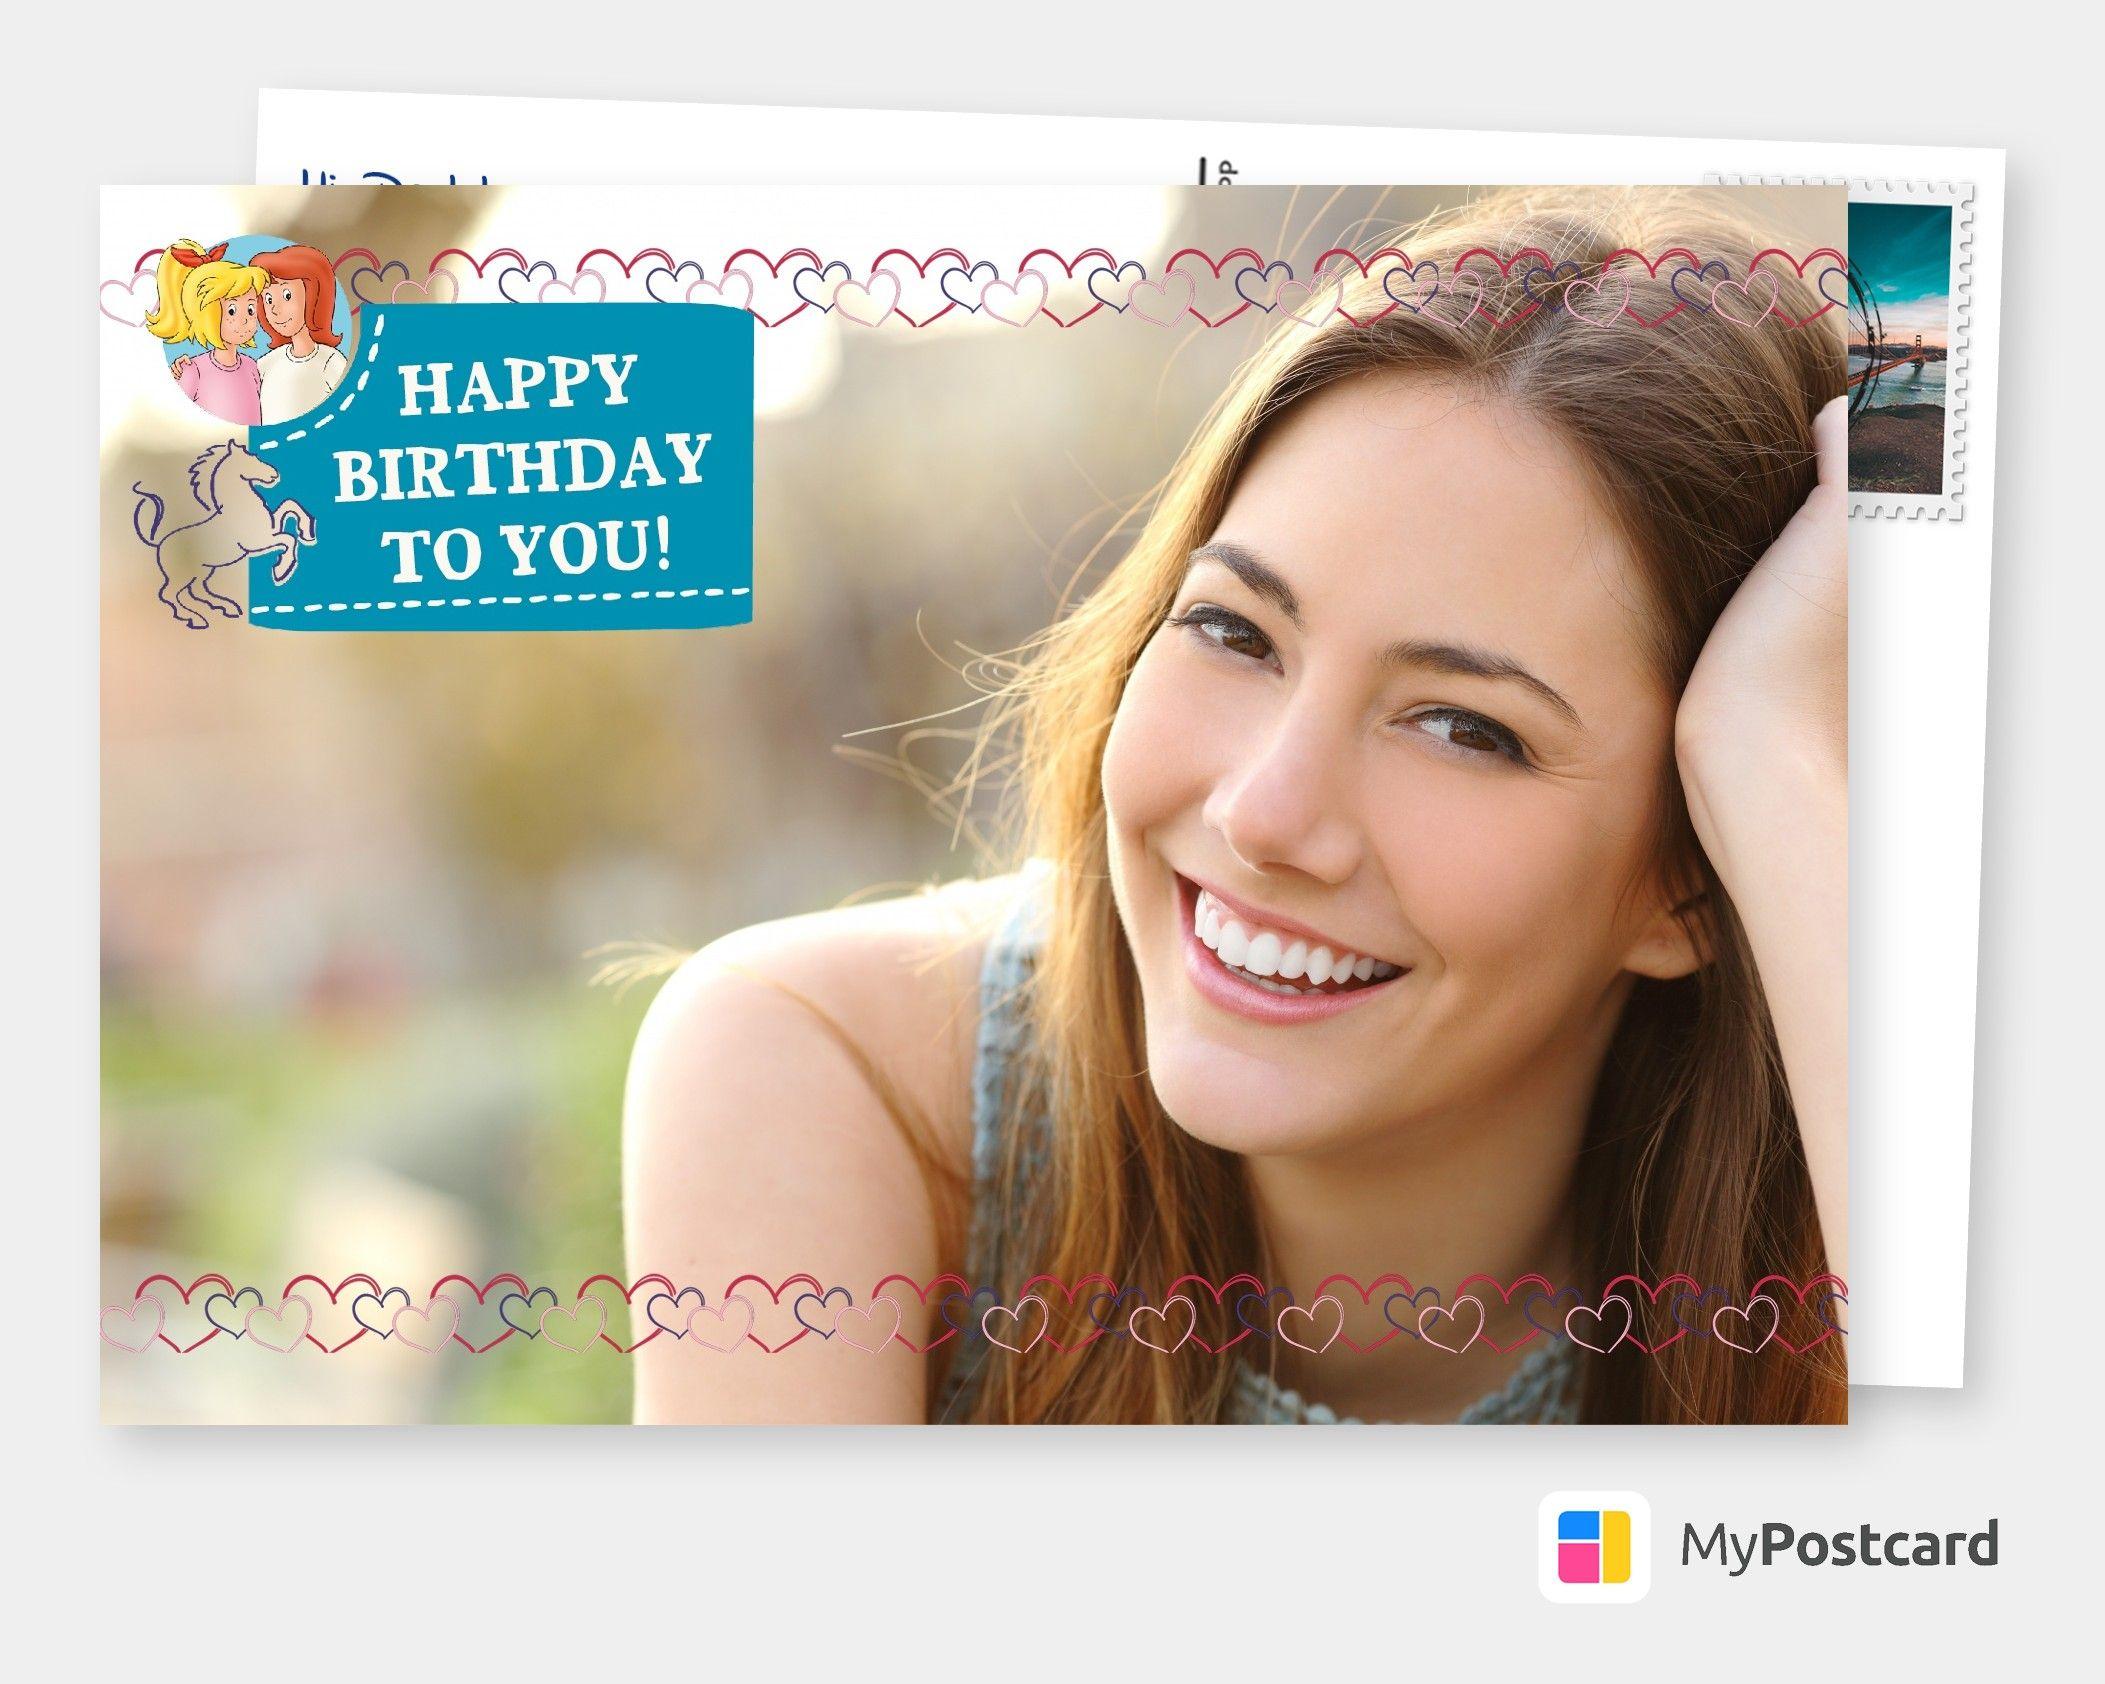 Happy Birthday To You Film Musik Karten Echte Postkarten Online Versenden Postkarten Online Postkarten Grusskarte